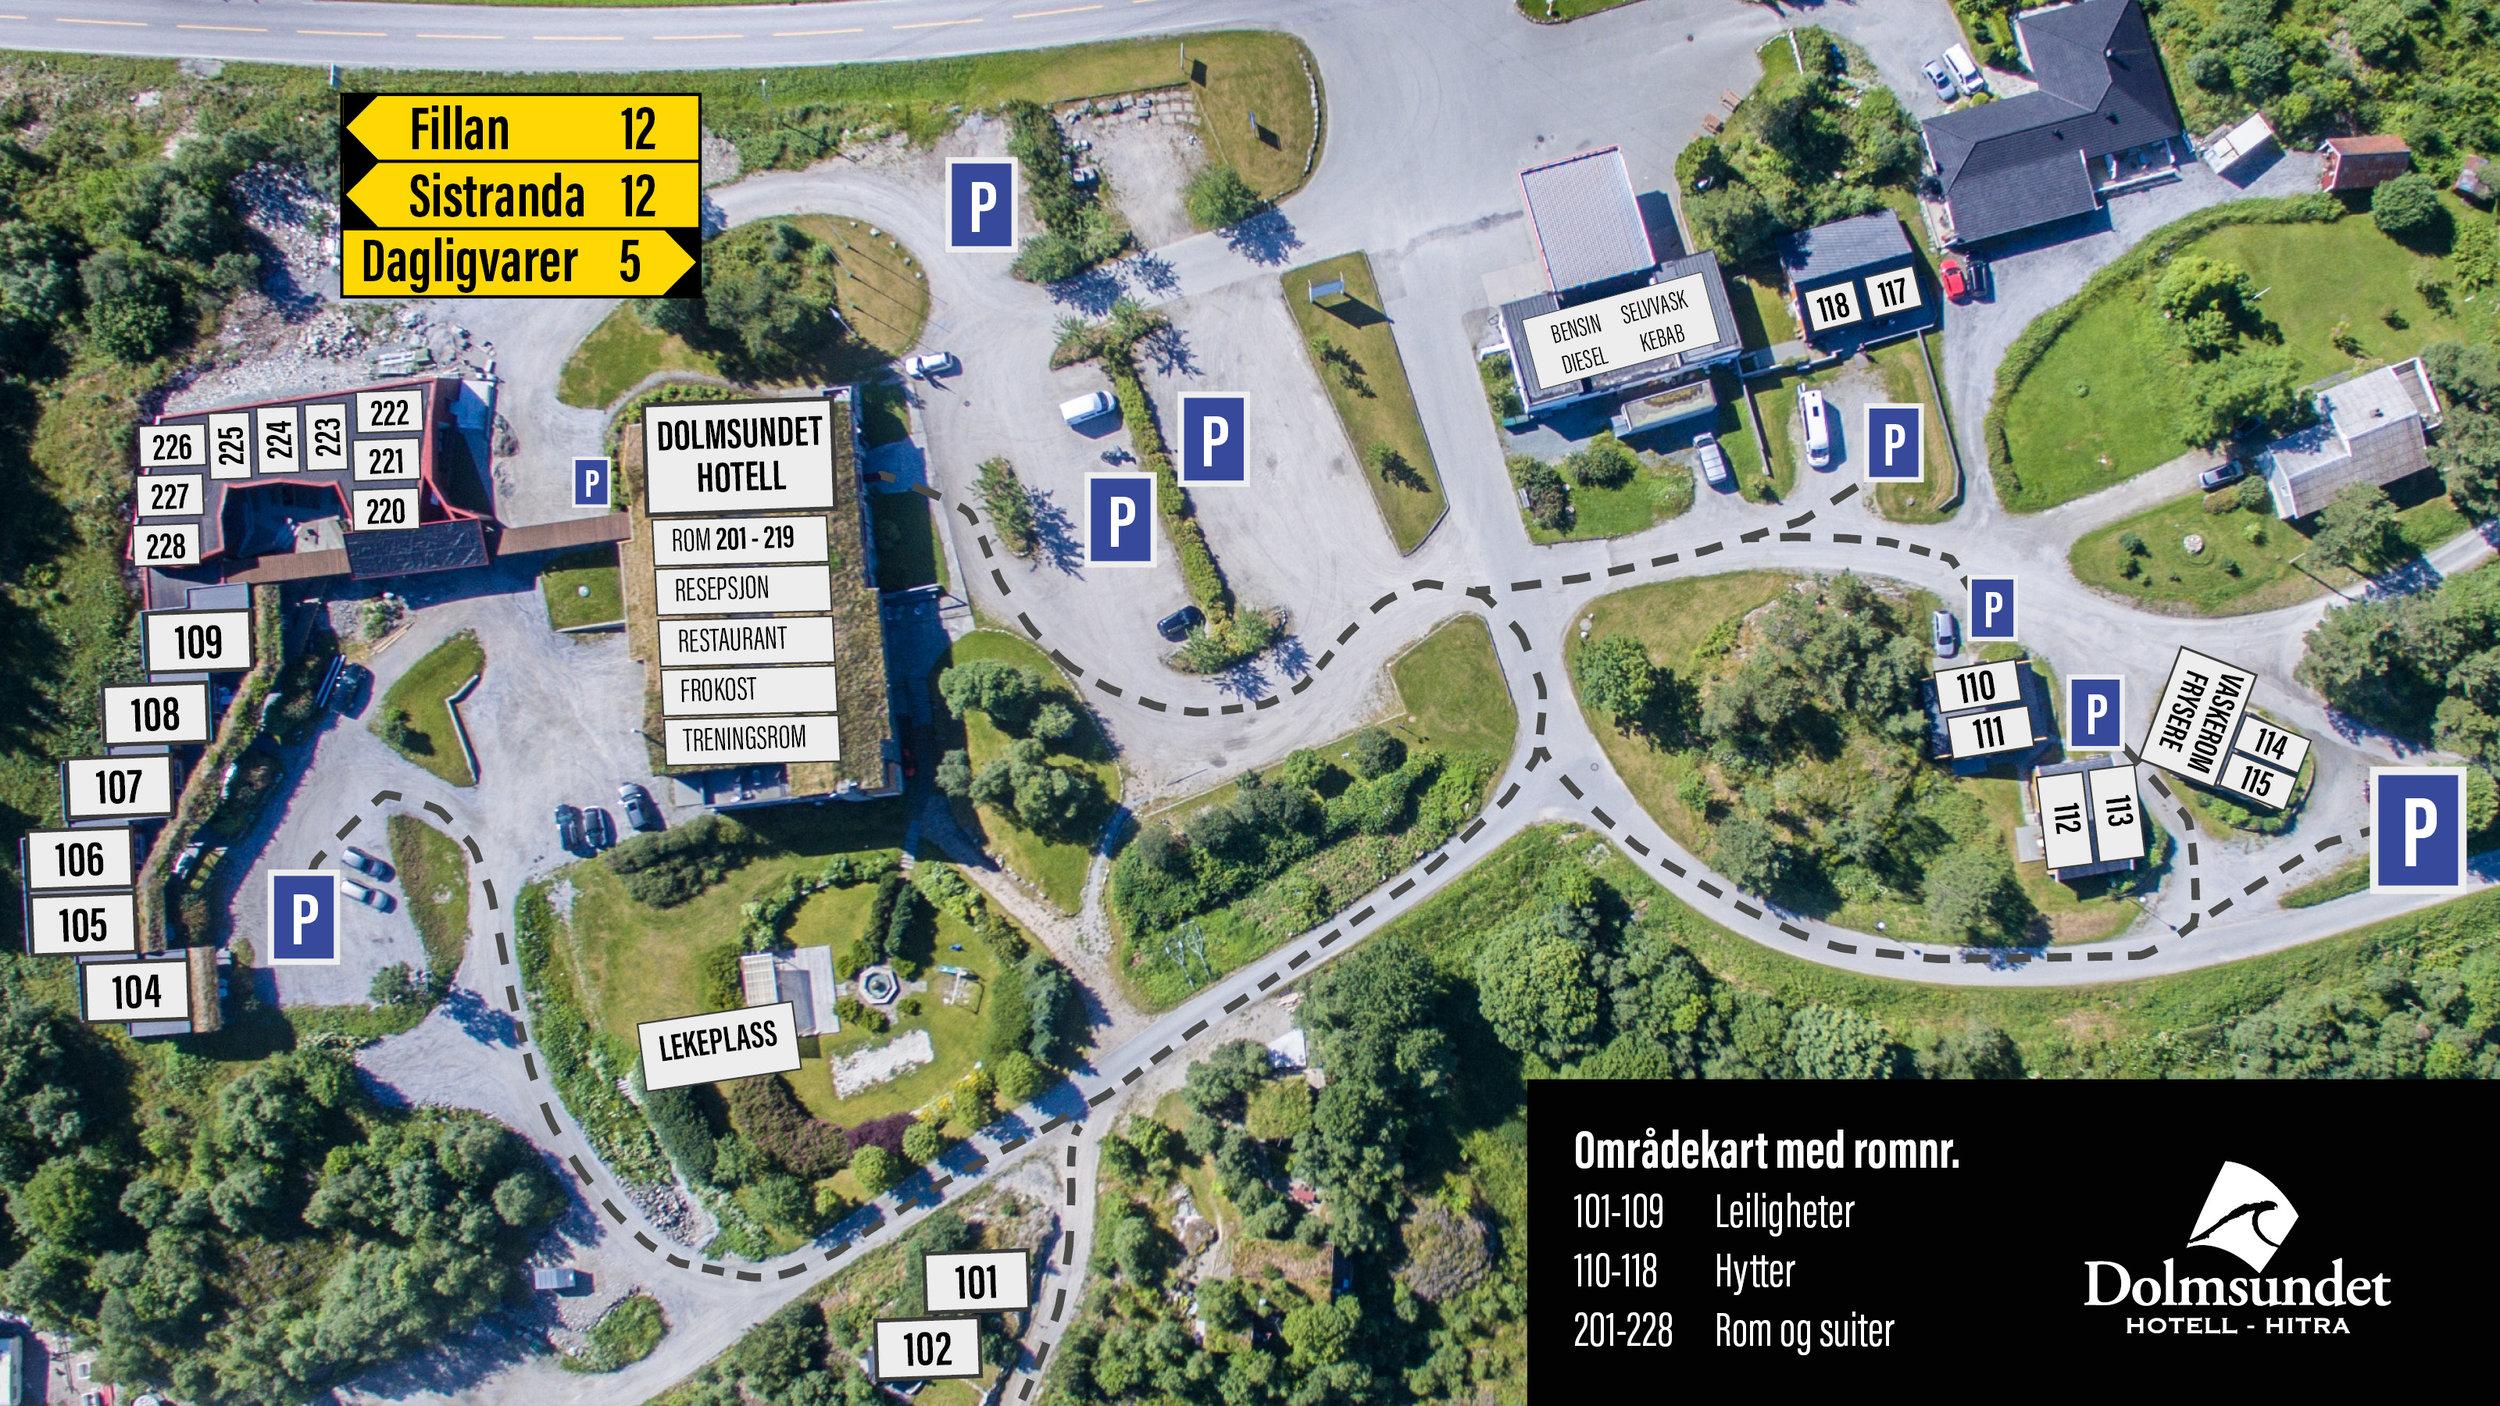 Områdekart med romnummer - Dolmsundet hotell Hitra.